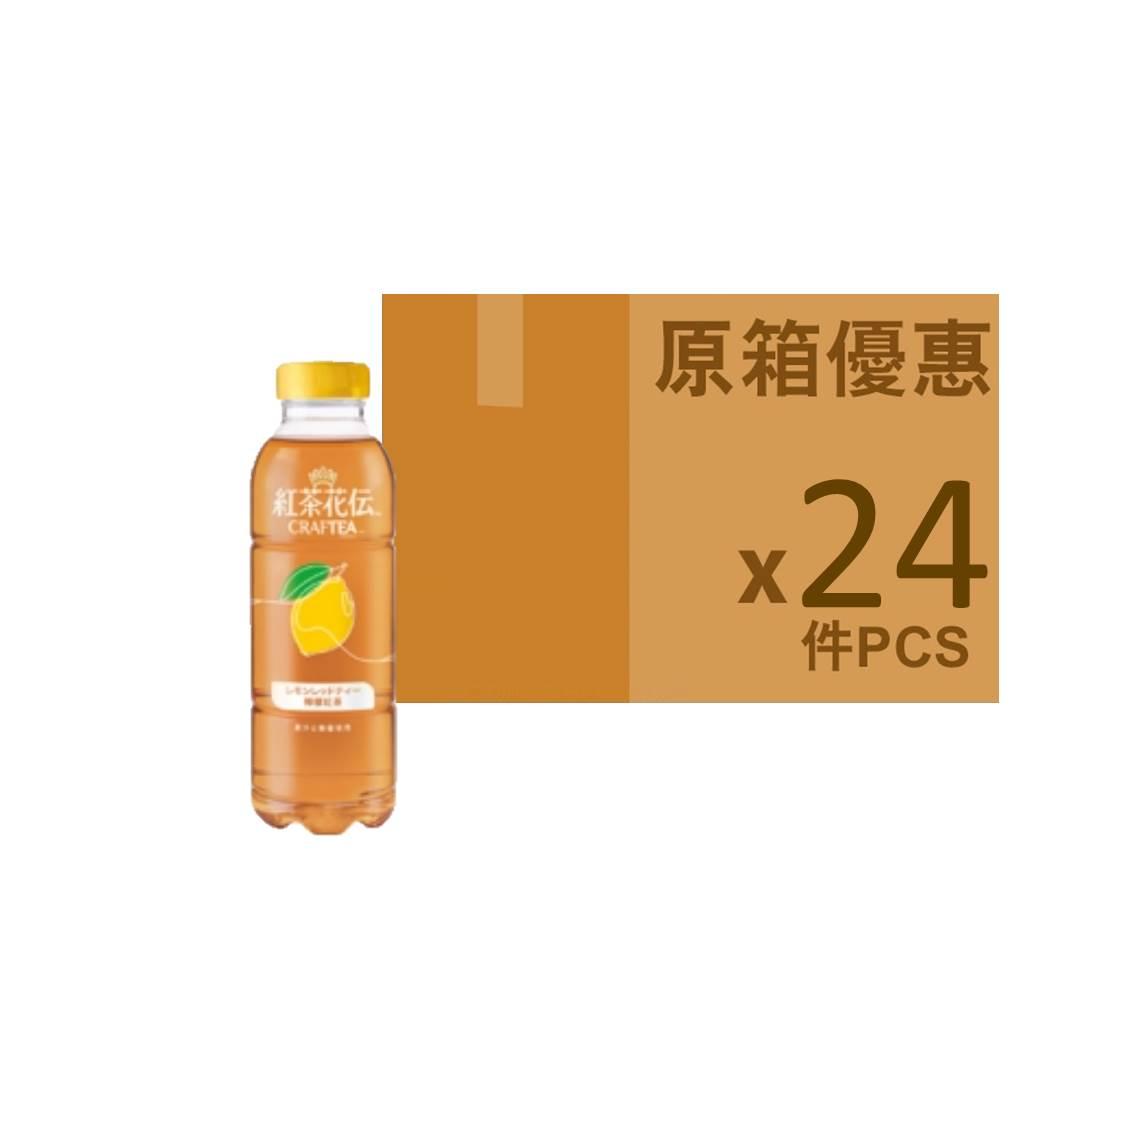 紅茶花傳檸檬紅茶 500ML (原箱)